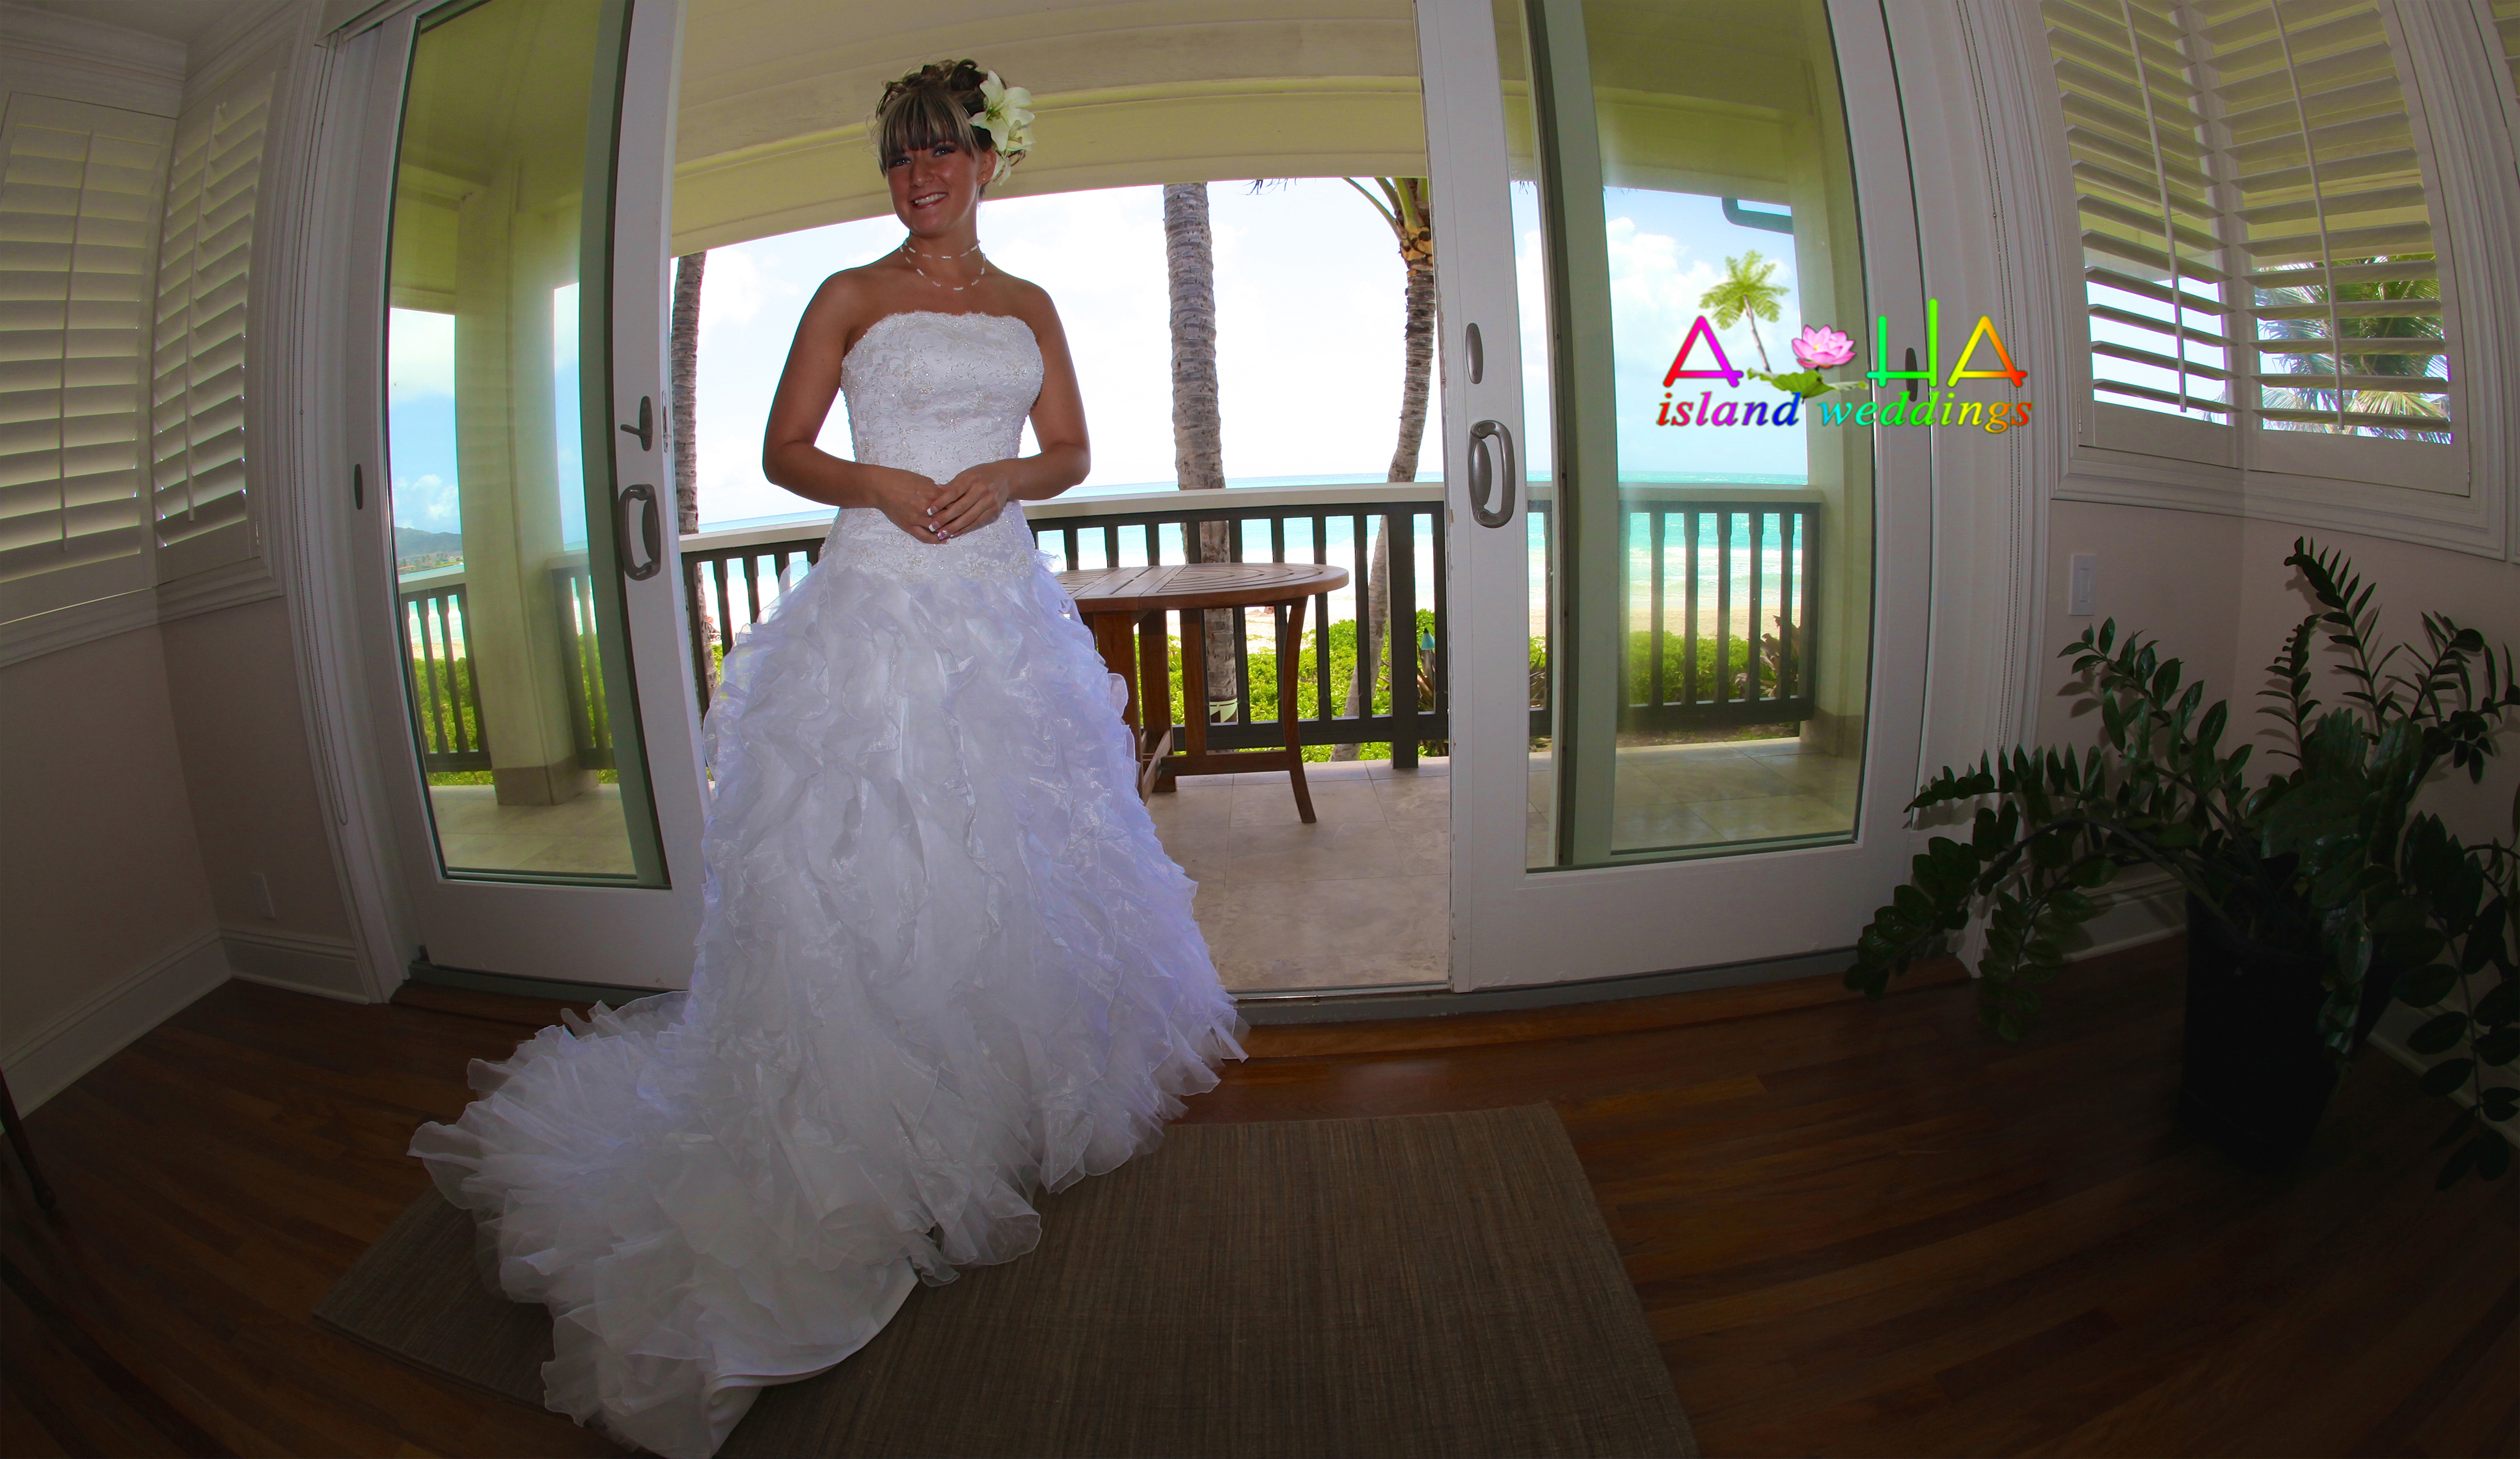 alohaislandweddings- Hawaiian Weddings-16